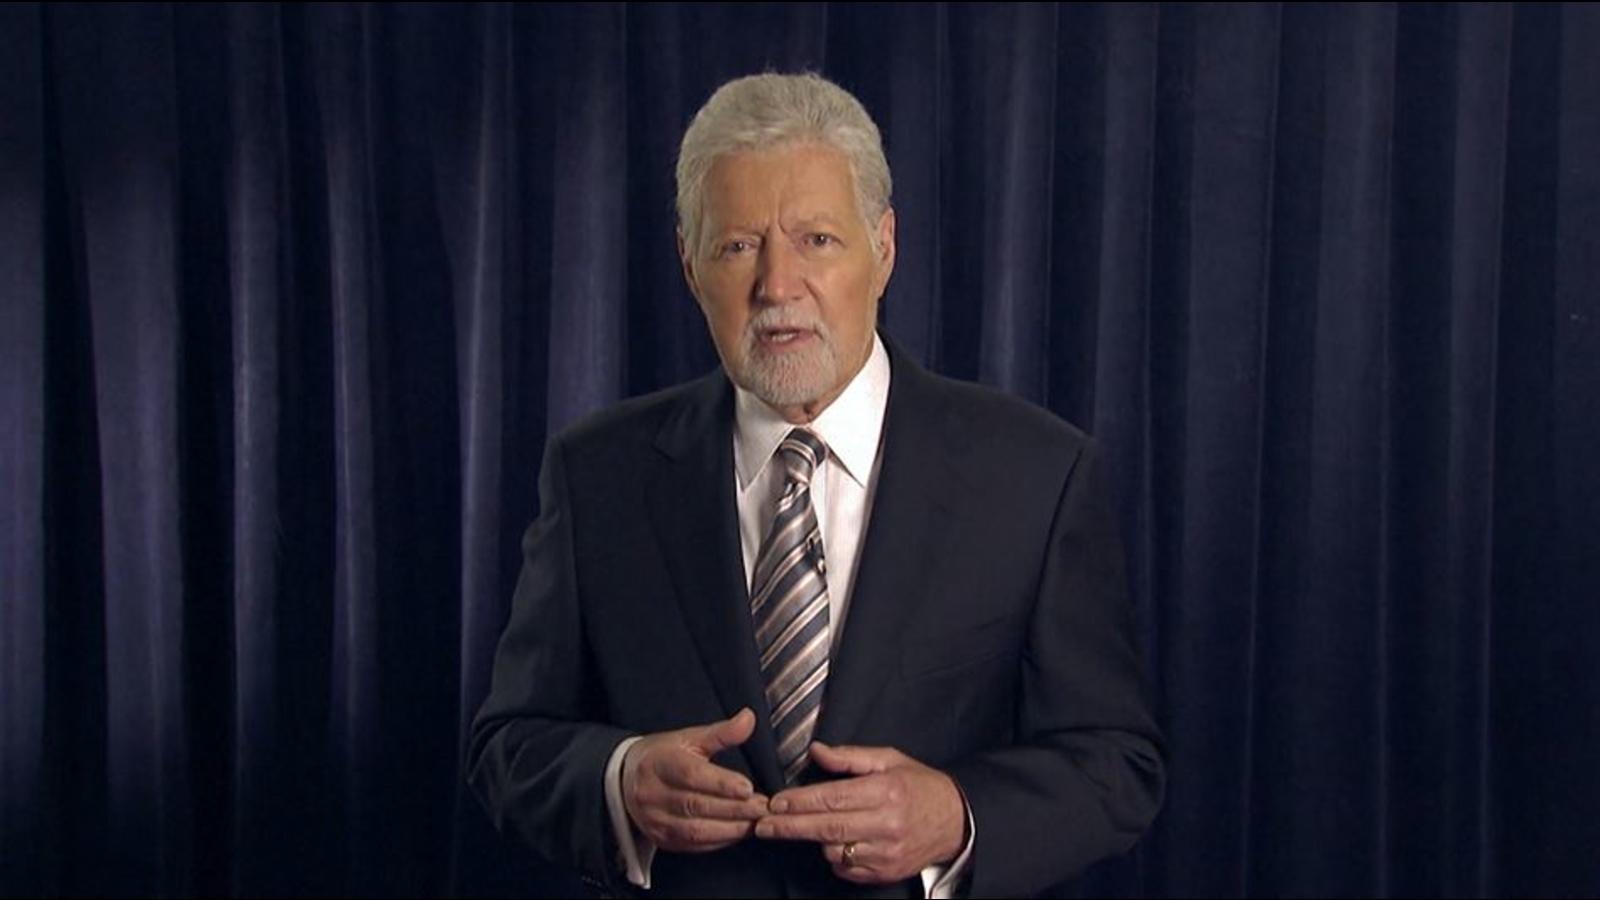 'Jeopardy!' host Alex Trebek gives health update, previews ...